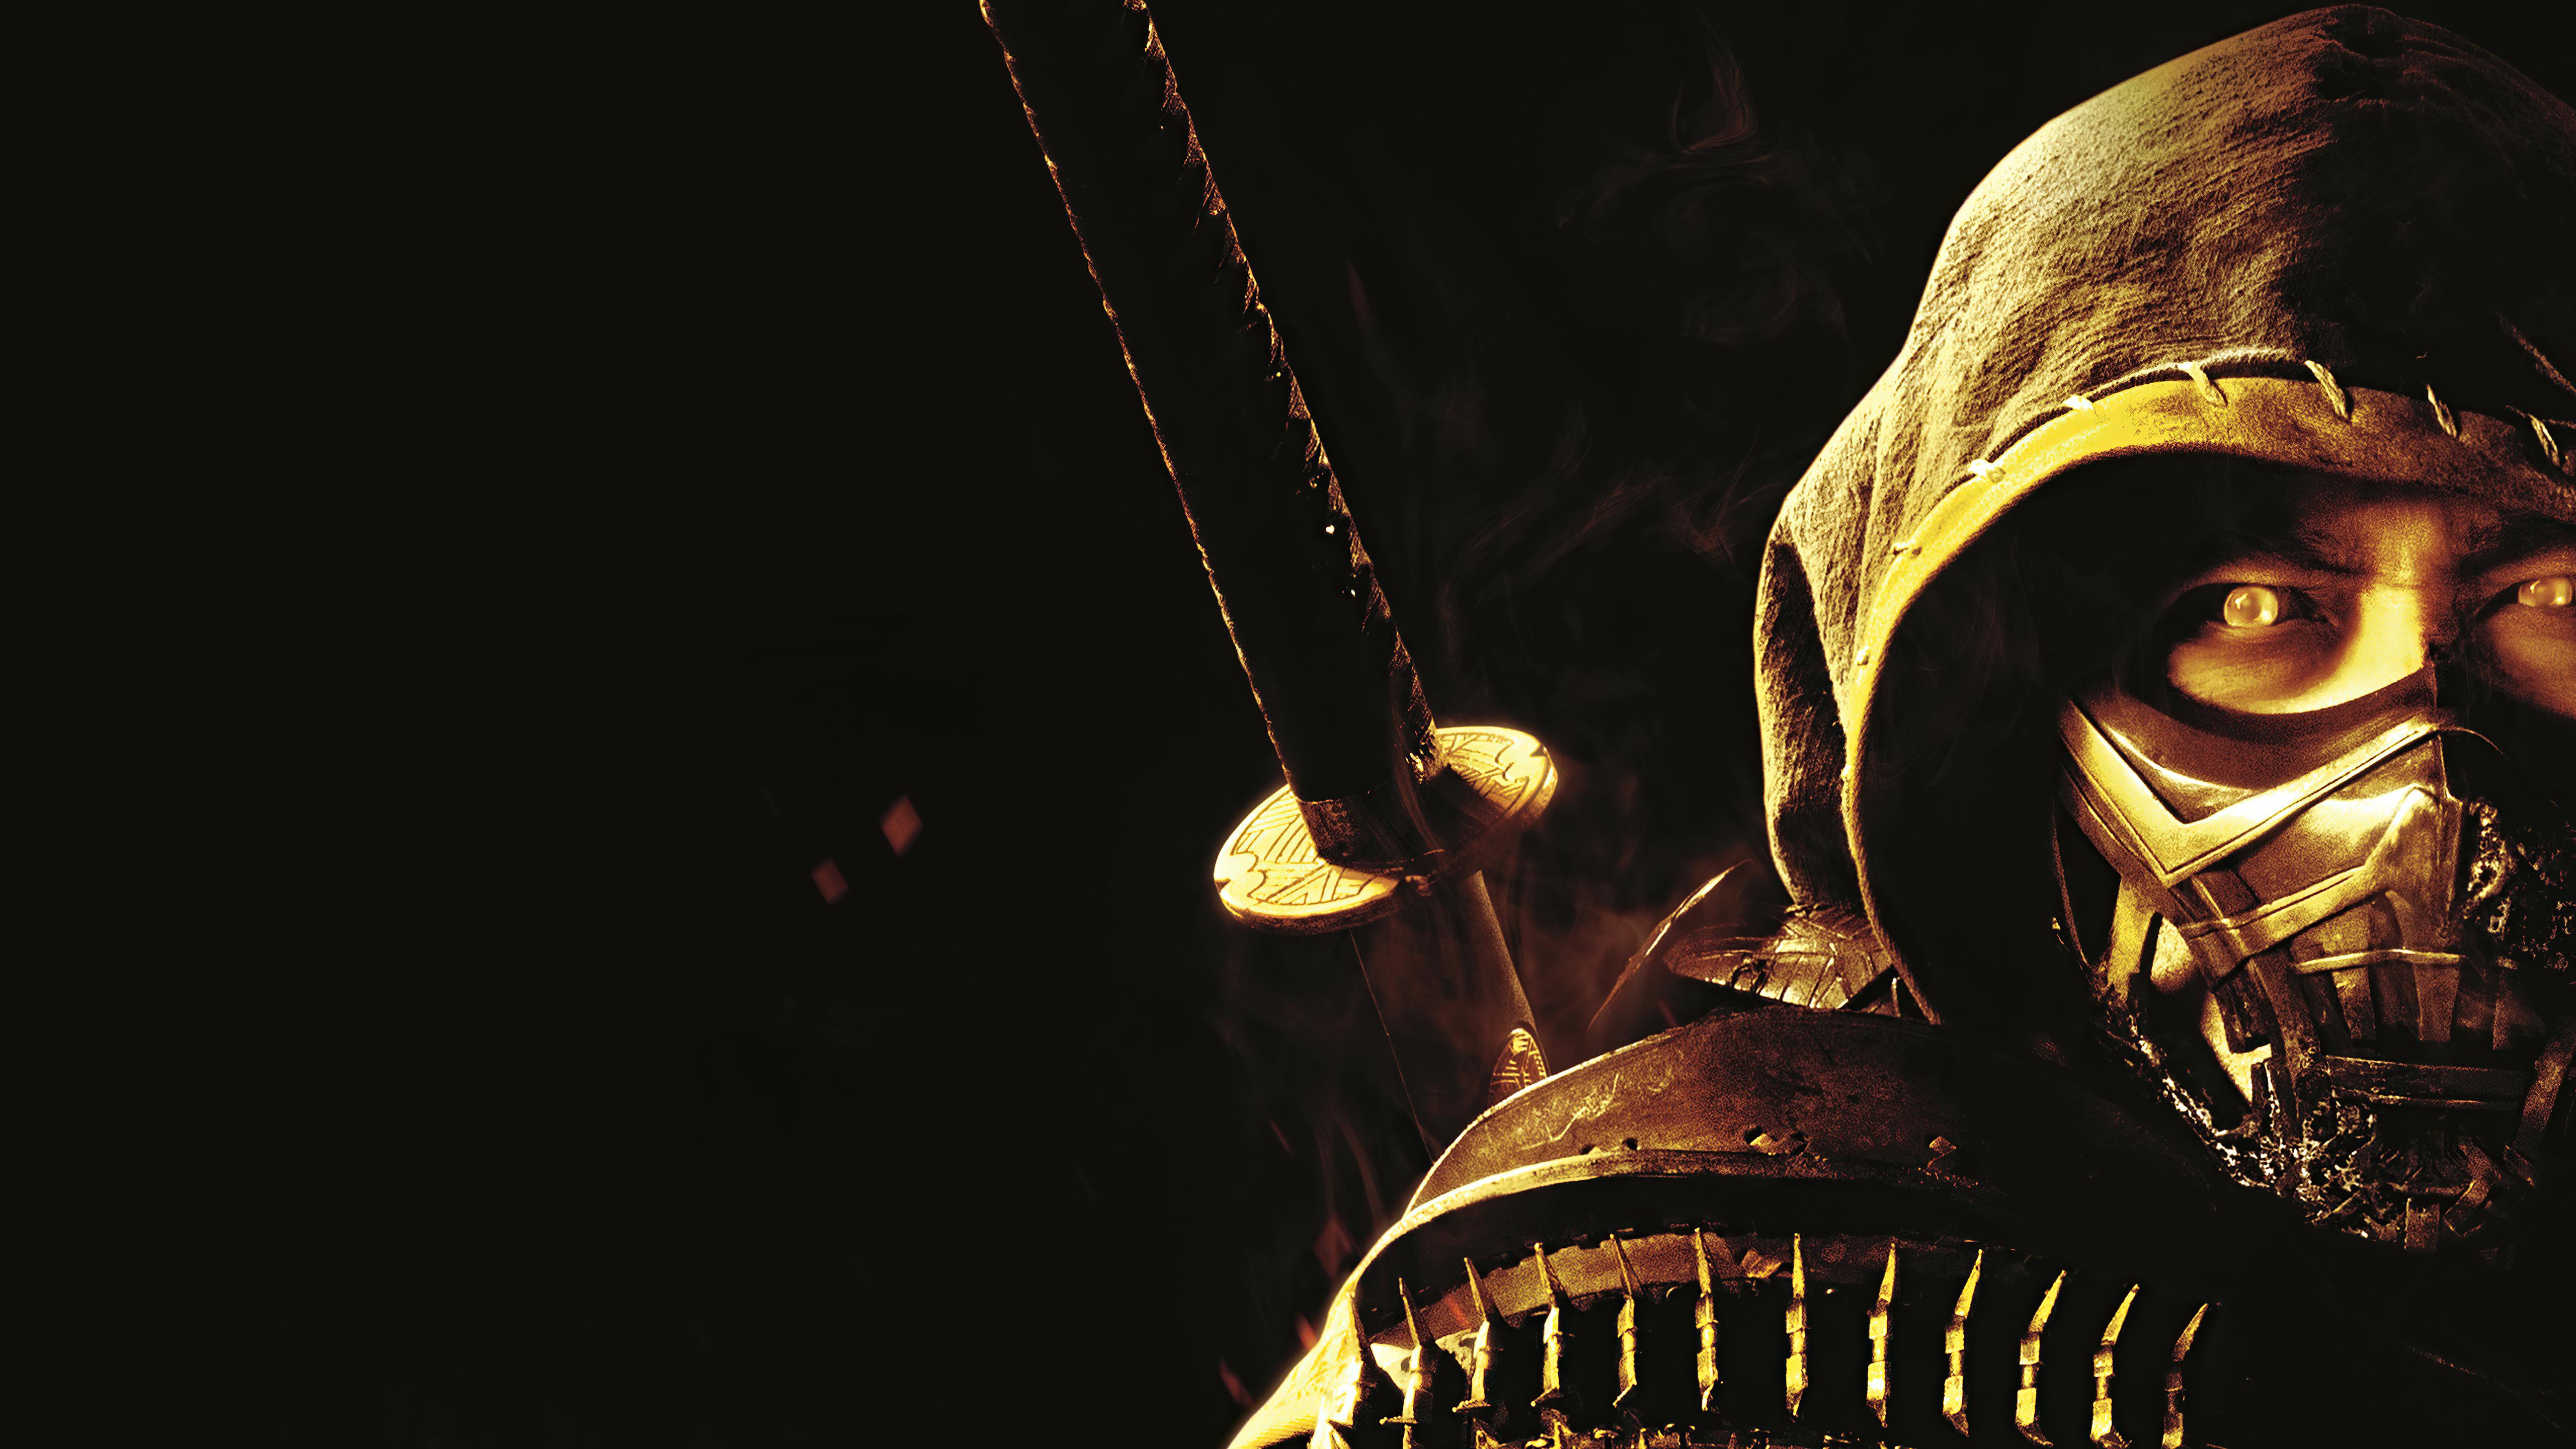 hiroyuki sanada as scorpion mortal kombat movie 4k 1617449001 - Hiroyuki Sanada As Scorpion Mortal Kombat Movie 4k - Hiroyuki Sanada As Scorpion Mortal Kombat Movie 4k wallpapers